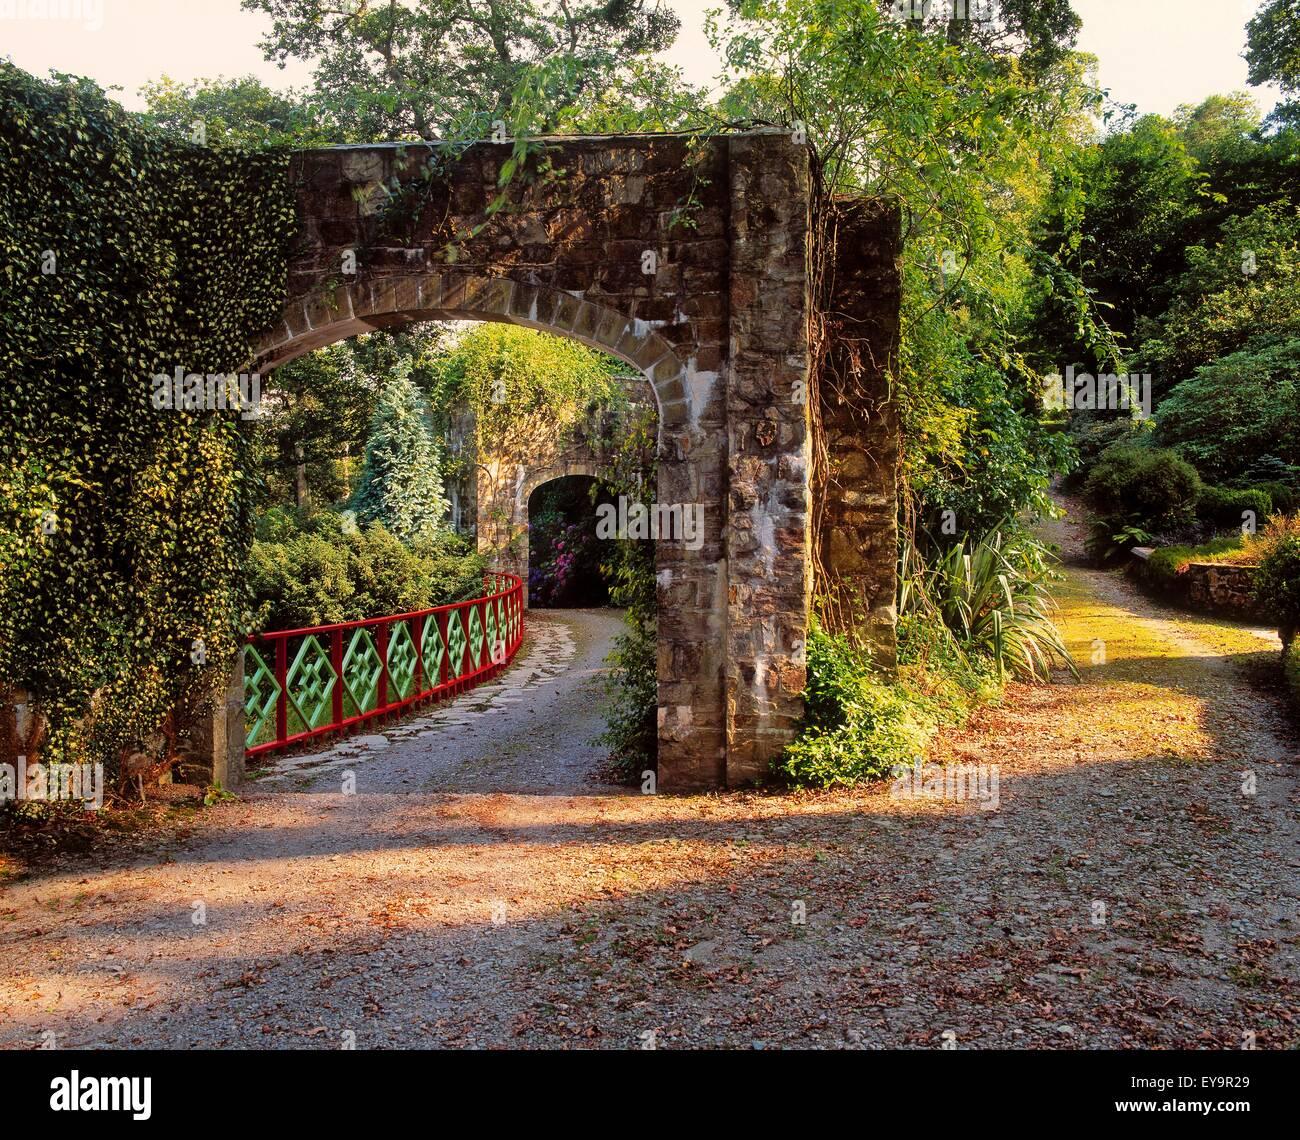 Mount Congreve Garden Stock Photos & Mount Congreve Garden Stock ...